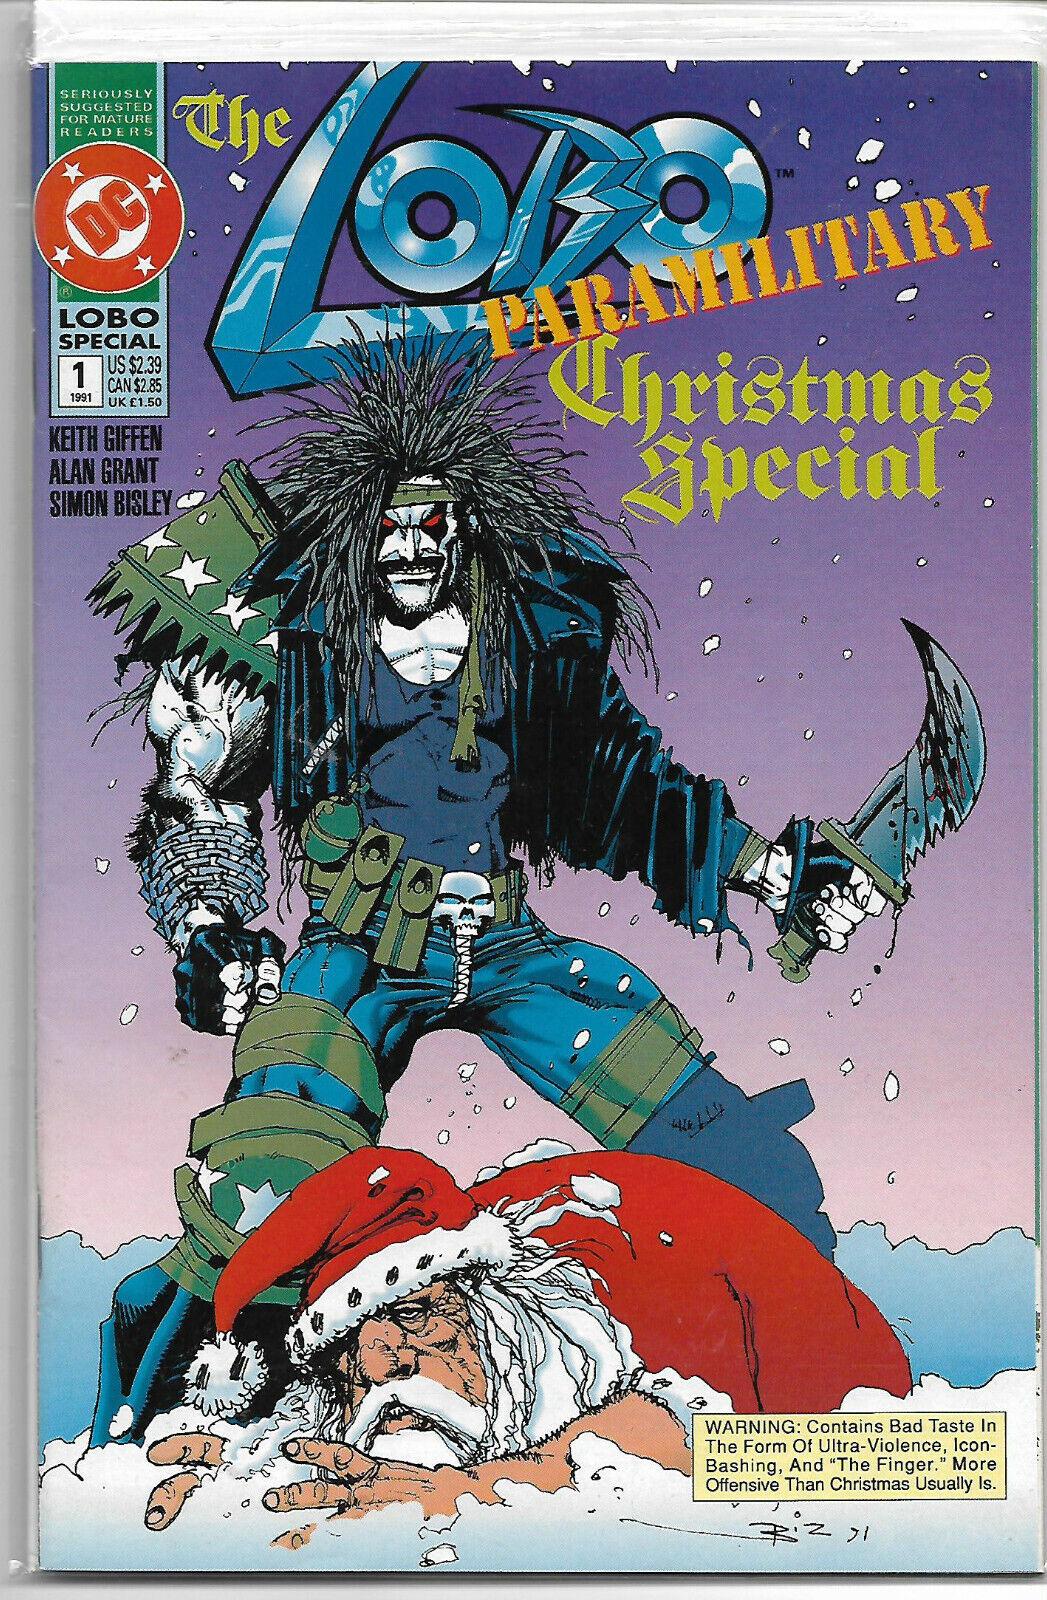 Lobo paramilitary Christmas special #1 NM explicit